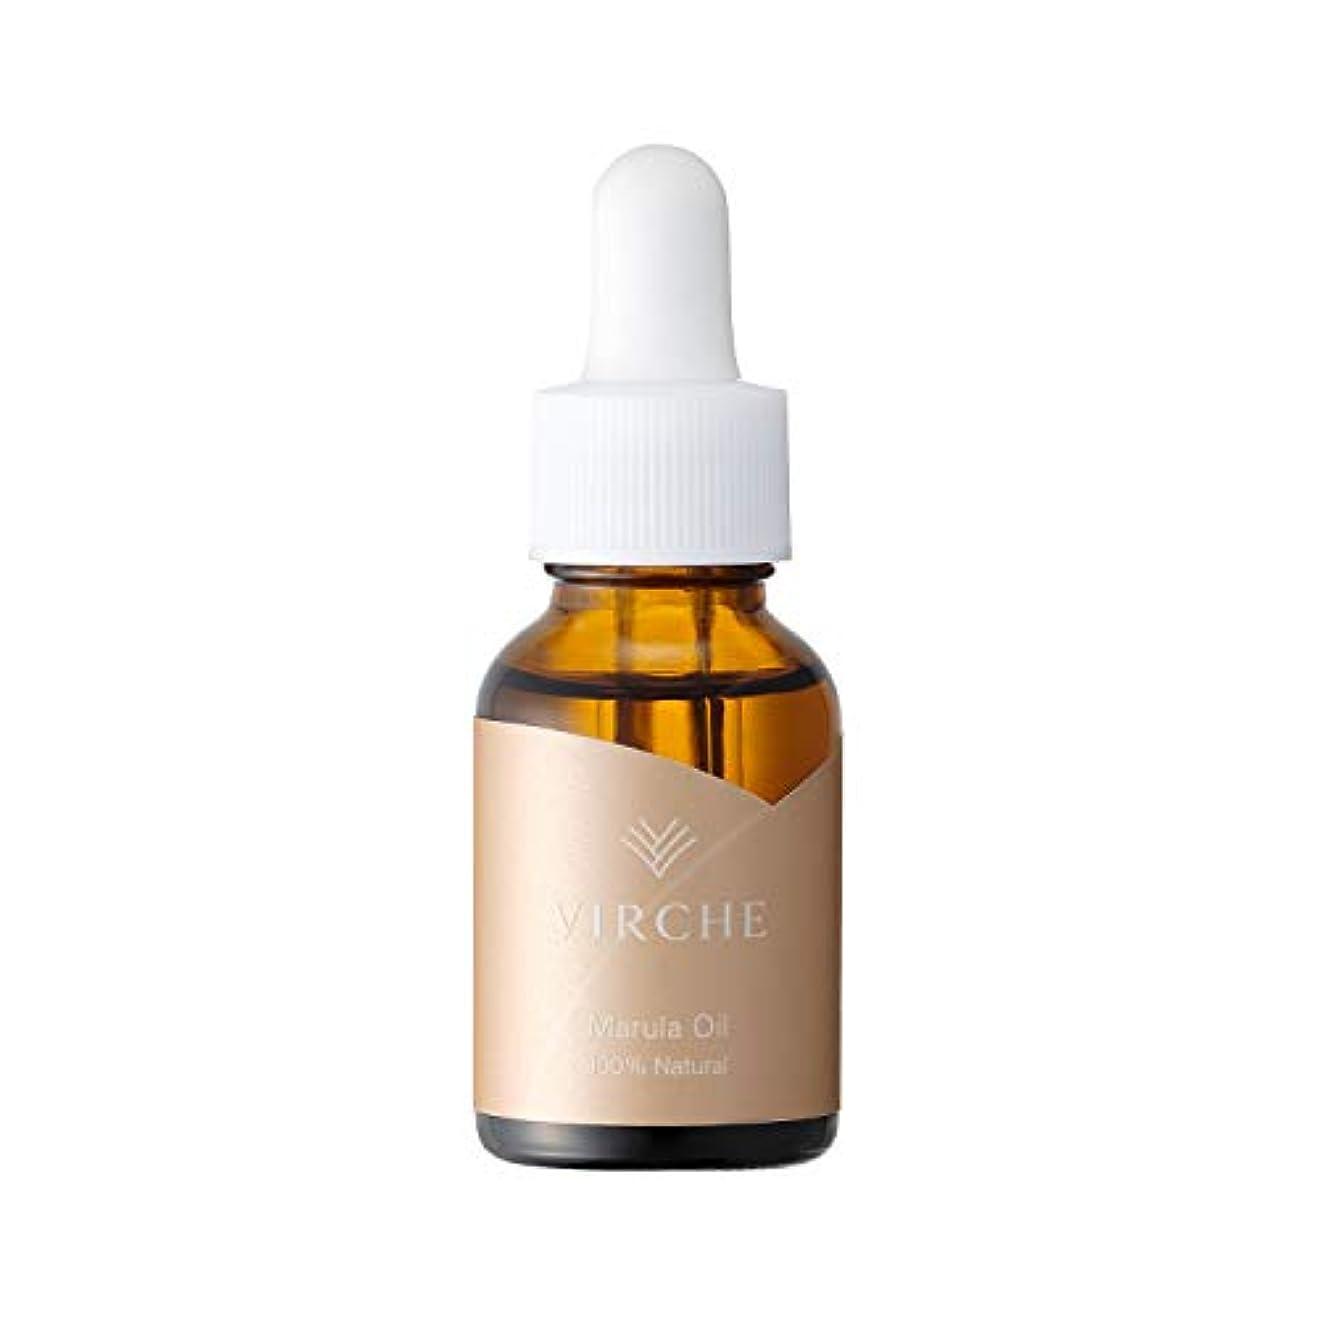 アコード雪の寸法マルラオイル(Marula Oil)国内で品質管理/無香料/防腐剤、香料、着色料すべて無添加の美容オイル/18ml(髪など全身に使えて約30日分)